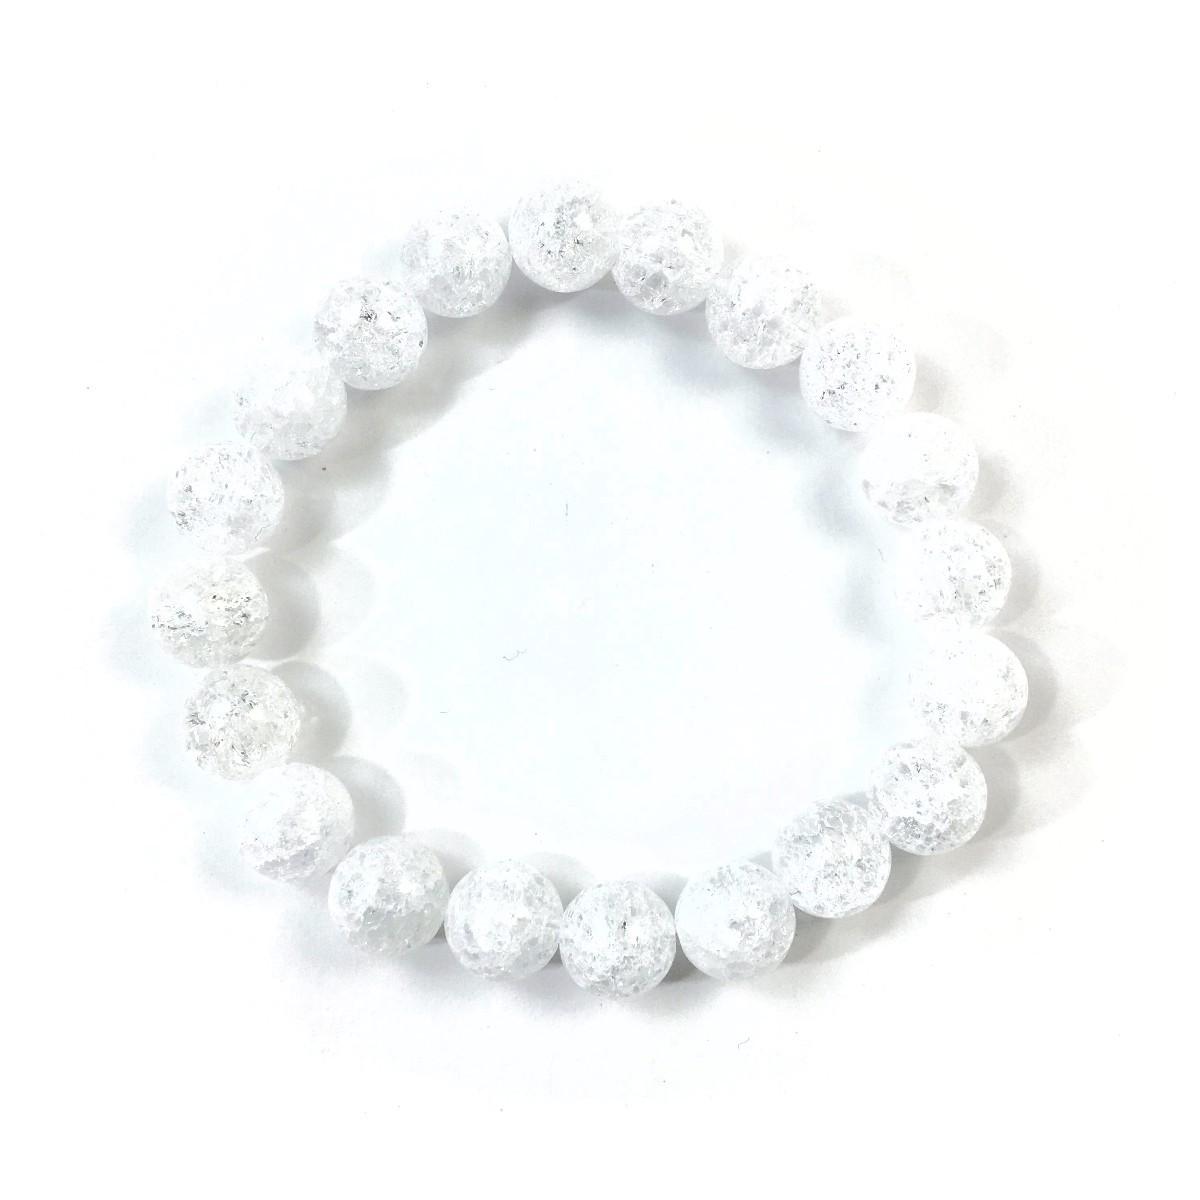 クラック水晶 パワーストーン ブレスレット 10mm 天然石ブレス シンプル 開運 浄化 数珠ブレス メンズ・レディース  男性_画像4